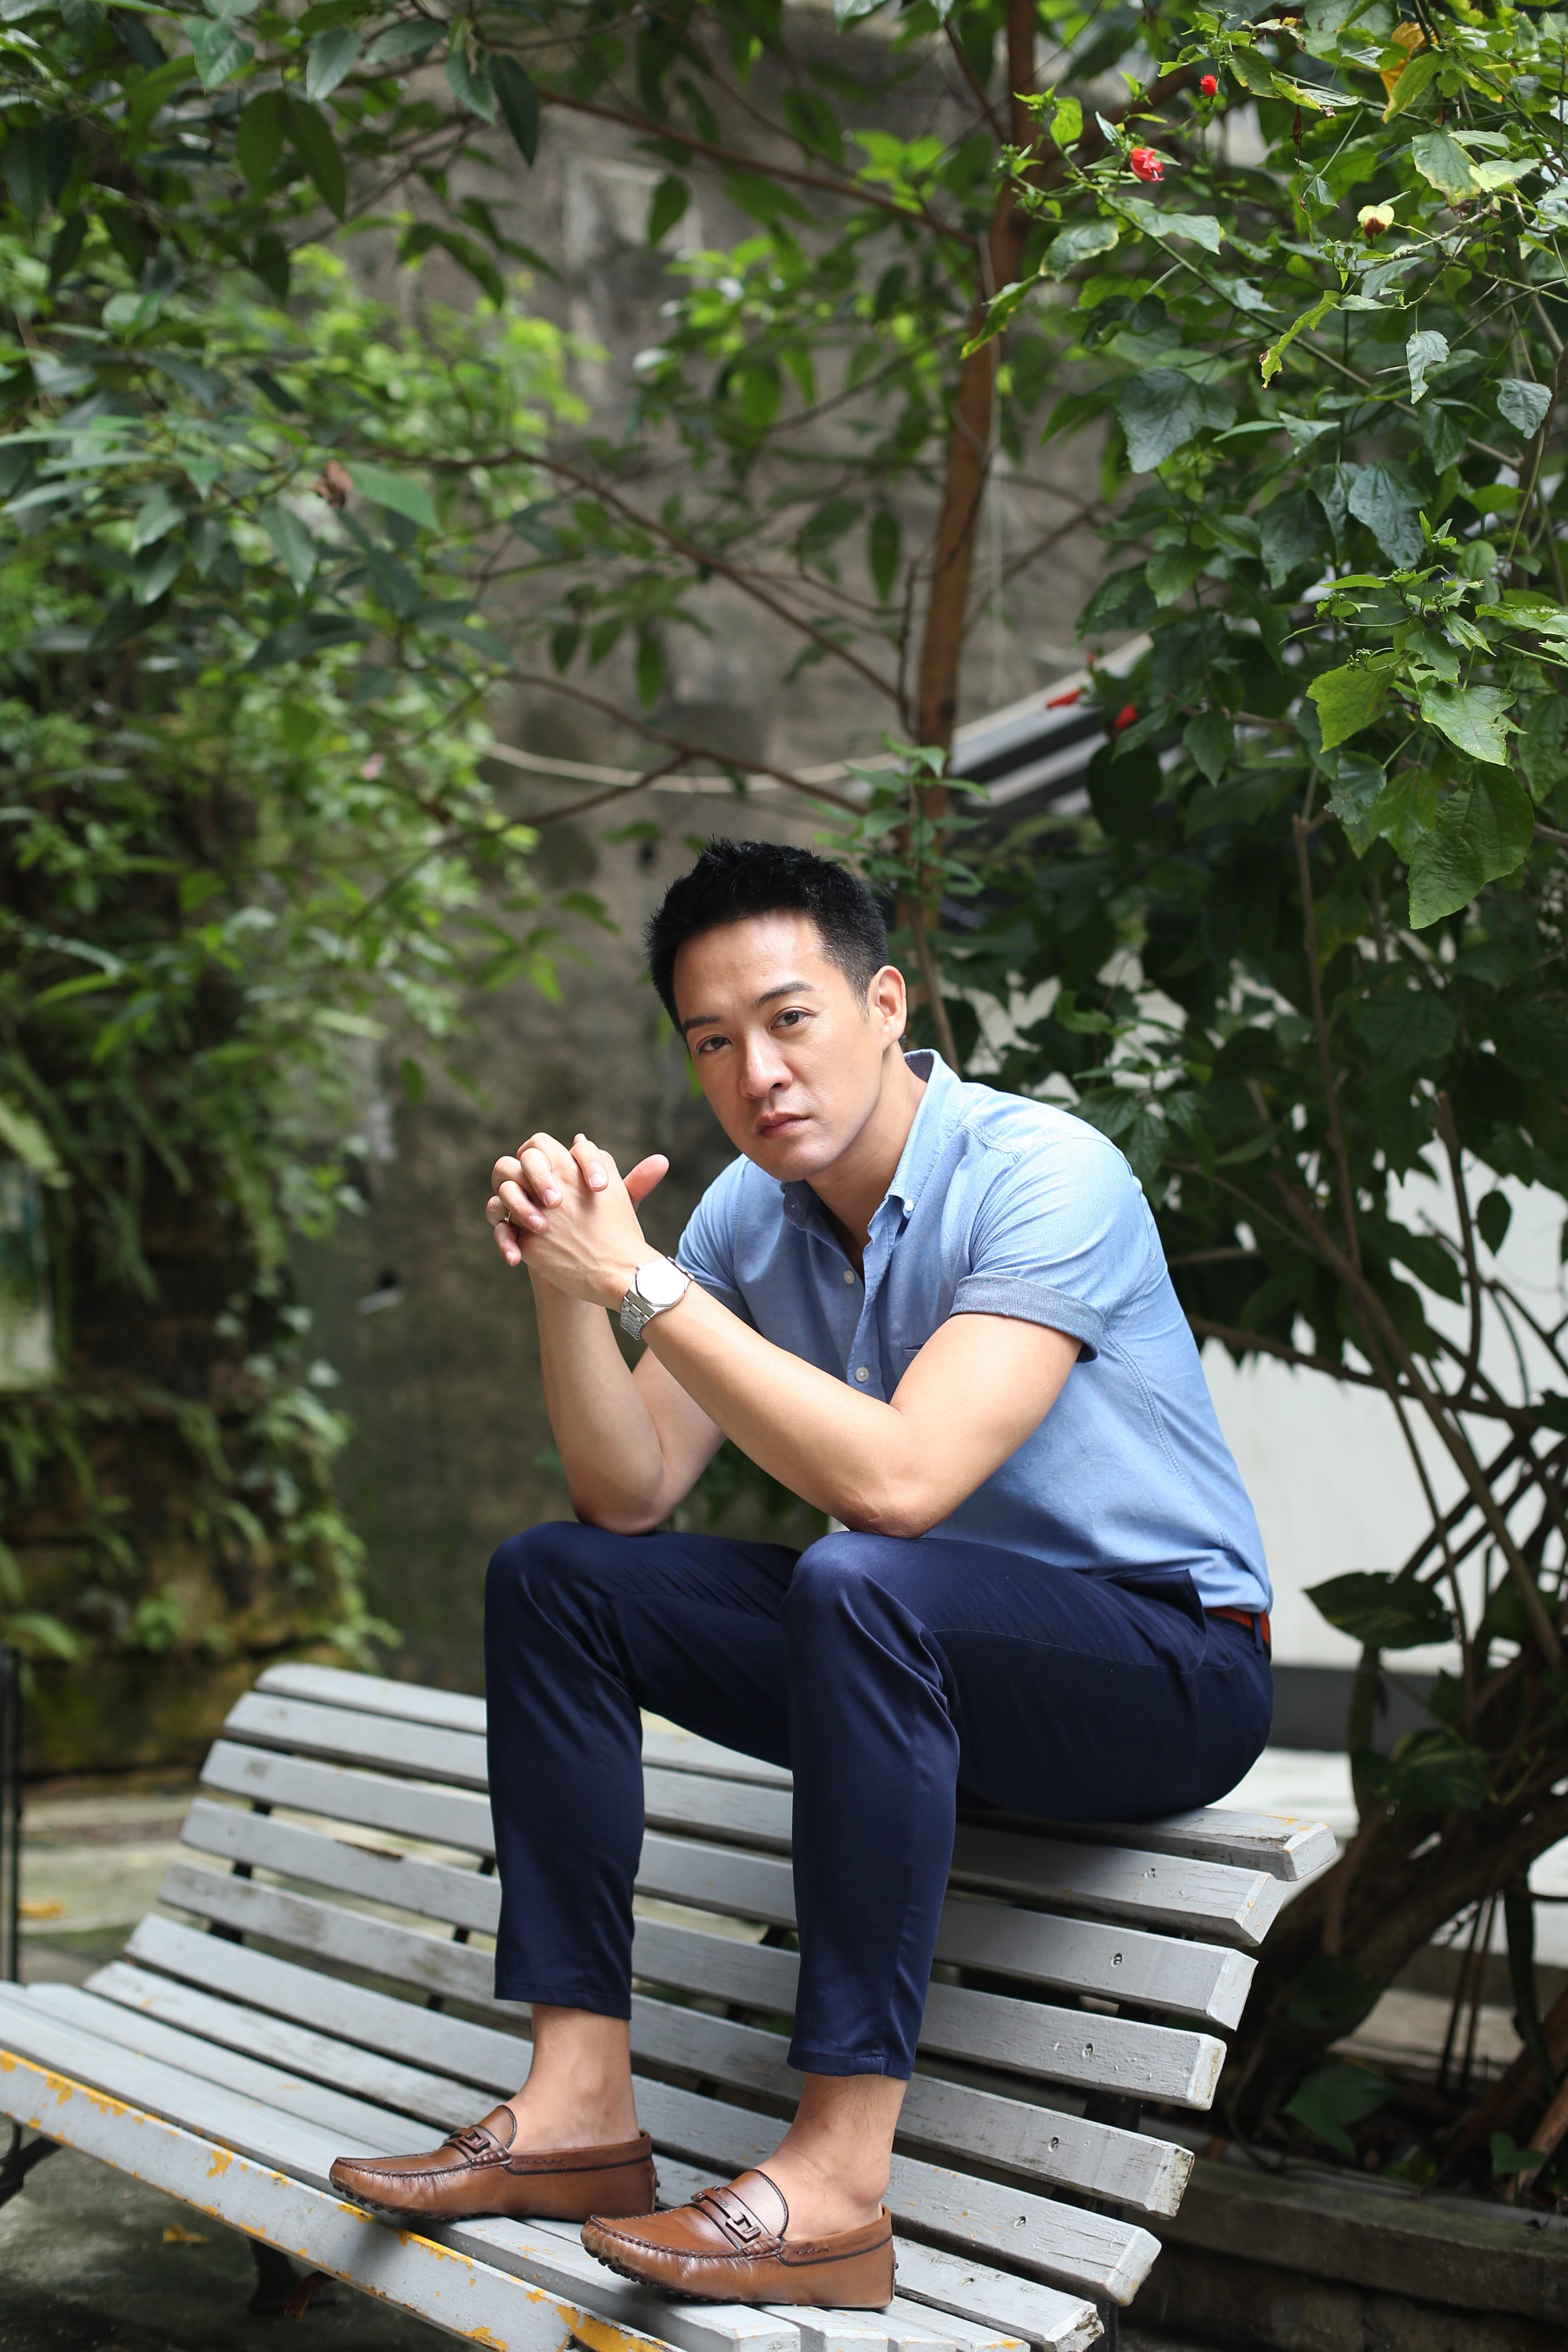 離開無綫向外闖的陳智燊,希望可以嘗試不同範疇的工作,令自己演藝事業更上層樓。